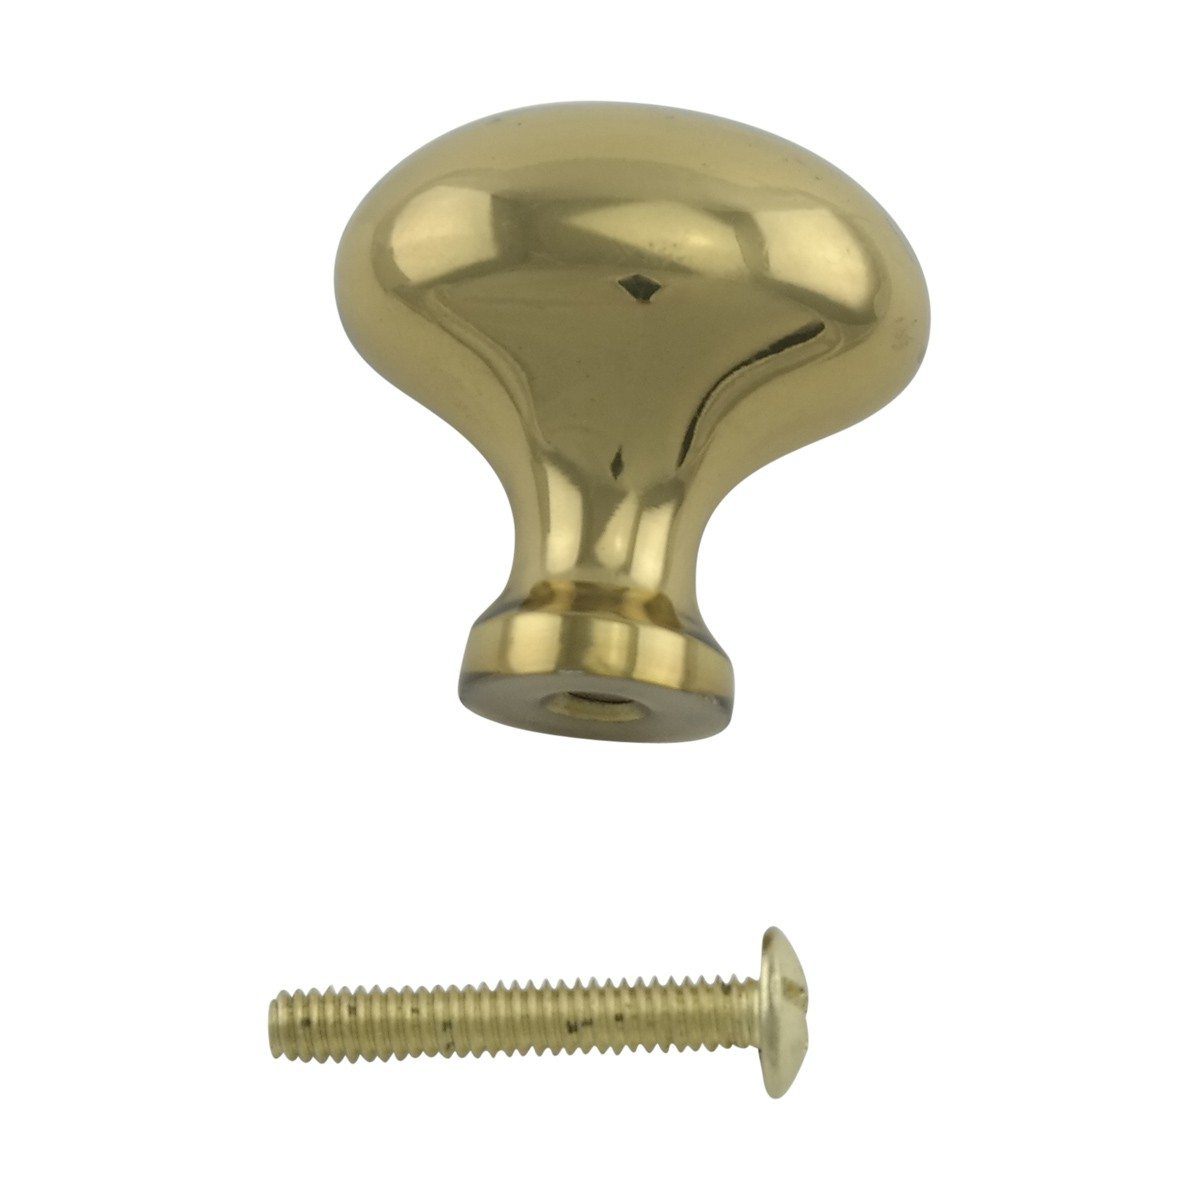 Cabinet Knob Bright Solid Brass 1 14 Brass Cabinet Knobs Vintage Dresser Hardware Knobs Decorative Kitchen Knobs